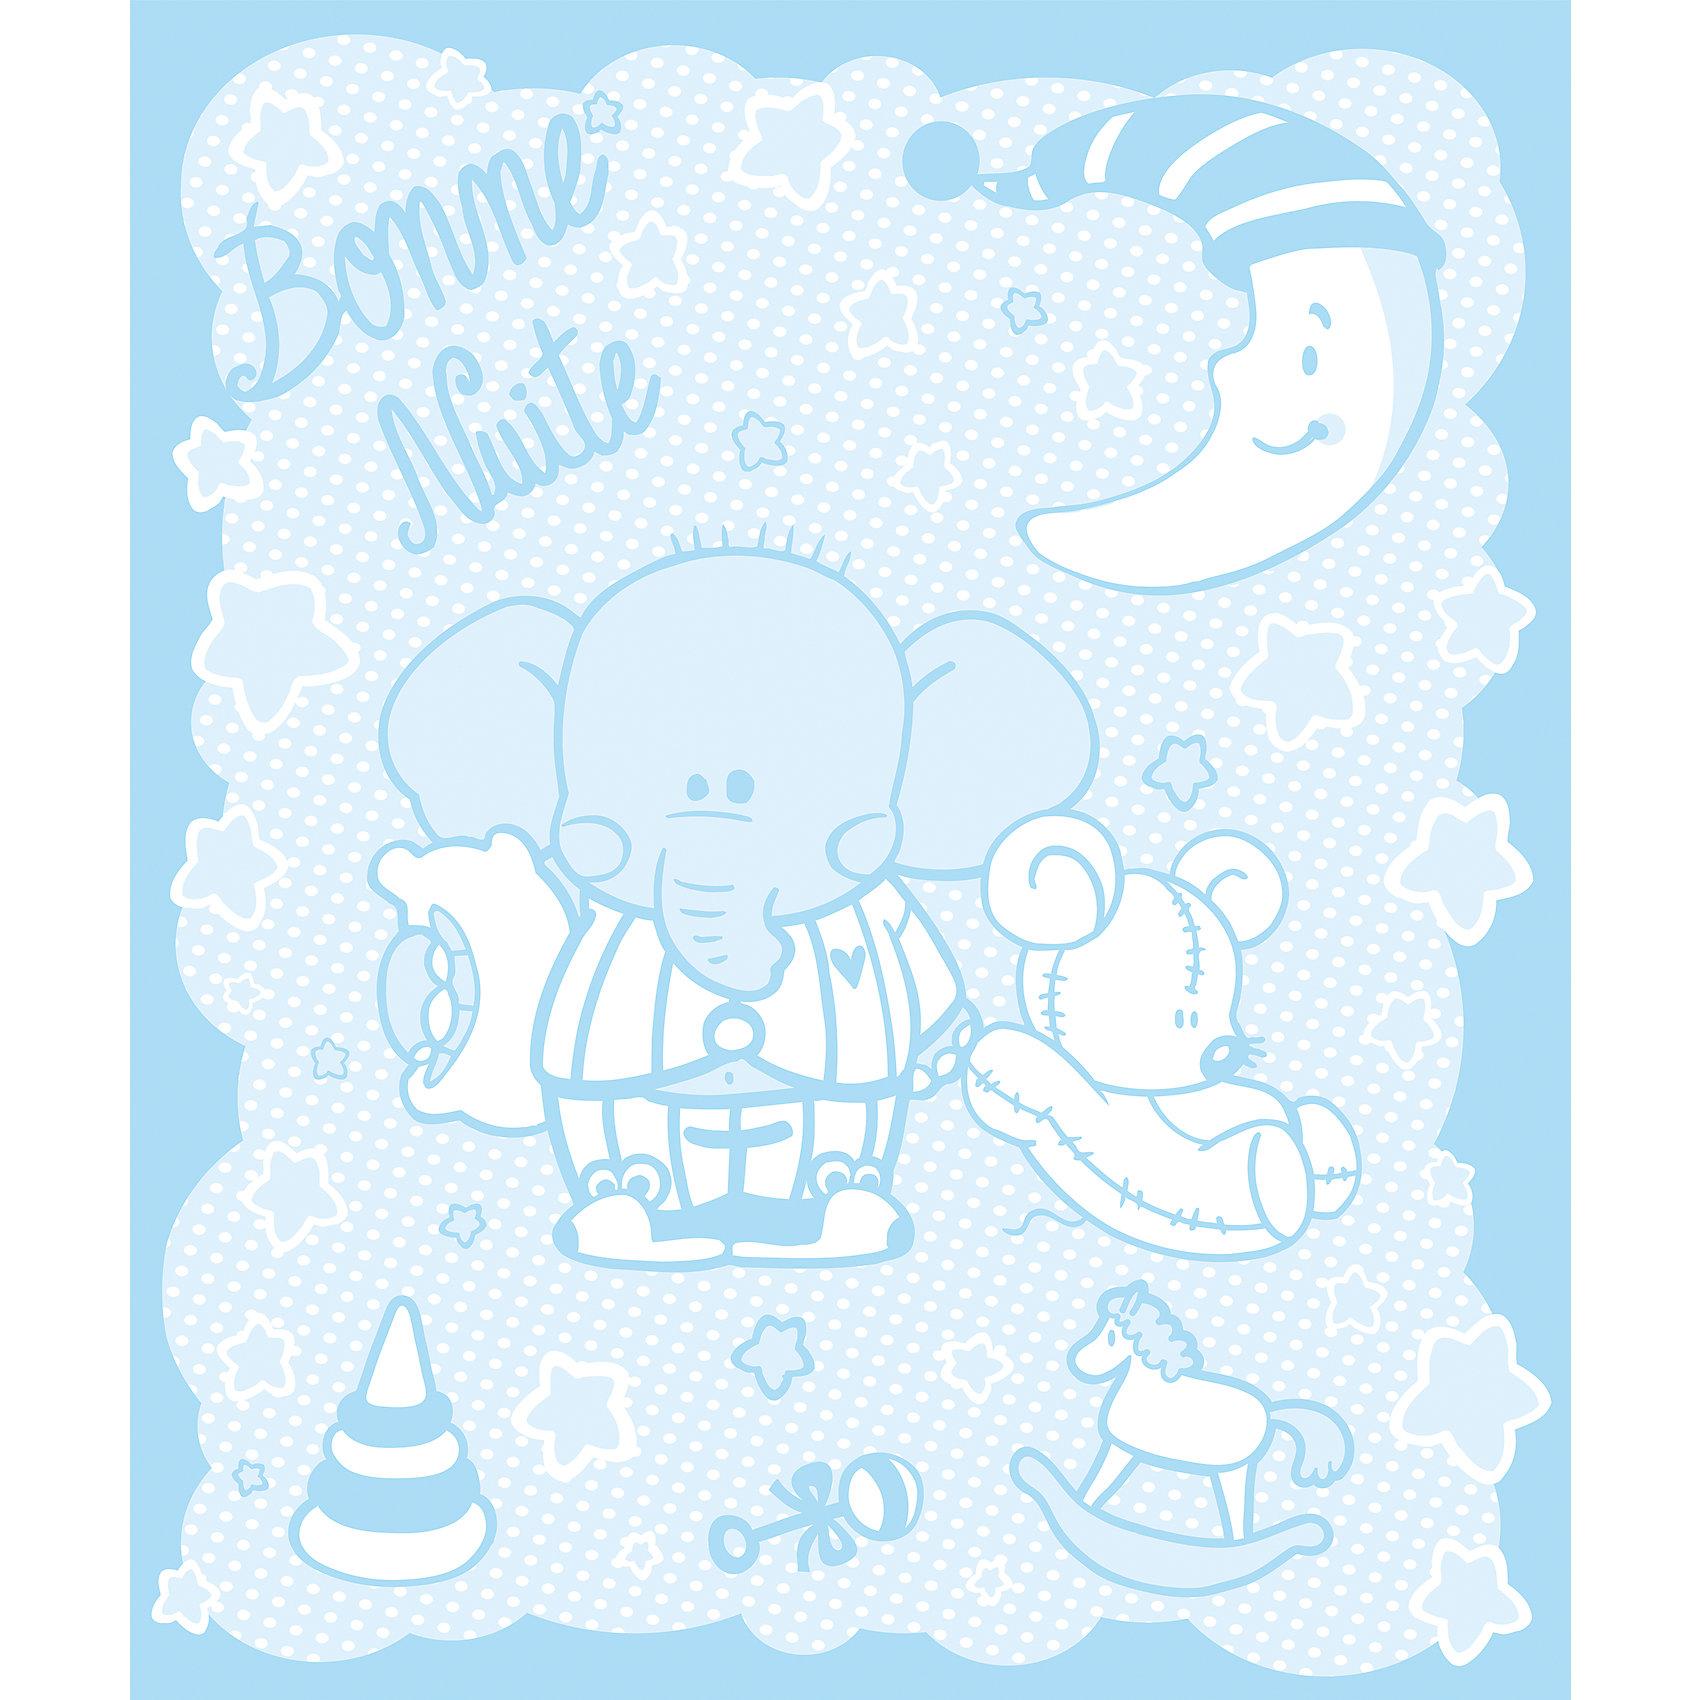 Одеяло байковое Слоник 100х118, Baby Nice, голубойМягкое байковое одеяло Слоник подарит малышам крепкий, комфортный и здоровый сон. Одеяло выполнено из натурального хлопка, прекрасно пропускает воздух, сохраняя при этом тепло, что обеспечивает поддержание комфортного микроклимата как дома, так и на прогулке. Абсолютно гипоаллергенное, идеально подходит для новорожденных детей. <br><br>Дополнительная информация:<br><br>- Материал: хлопок 100%, жаккард.<br>- Размер: 100х118 см. <br>- Отделка: оверлок.<br>- Цвет: голубой.<br>- Декоративные элементы: принт (слоник).<br>- Стирка: машинная при 40 ?. <br><br>Одеяло байковое Слоник 100х118, Baby Nice,(Беби Найс), голубое, можно купить в нашем магазине.<br><br>Ширина мм: 40<br>Глубина мм: 5<br>Высота мм: 30<br>Вес г: 500<br>Возраст от месяцев: 0<br>Возраст до месяцев: 60<br>Пол: Мужской<br>Возраст: Детский<br>SKU: 4058260